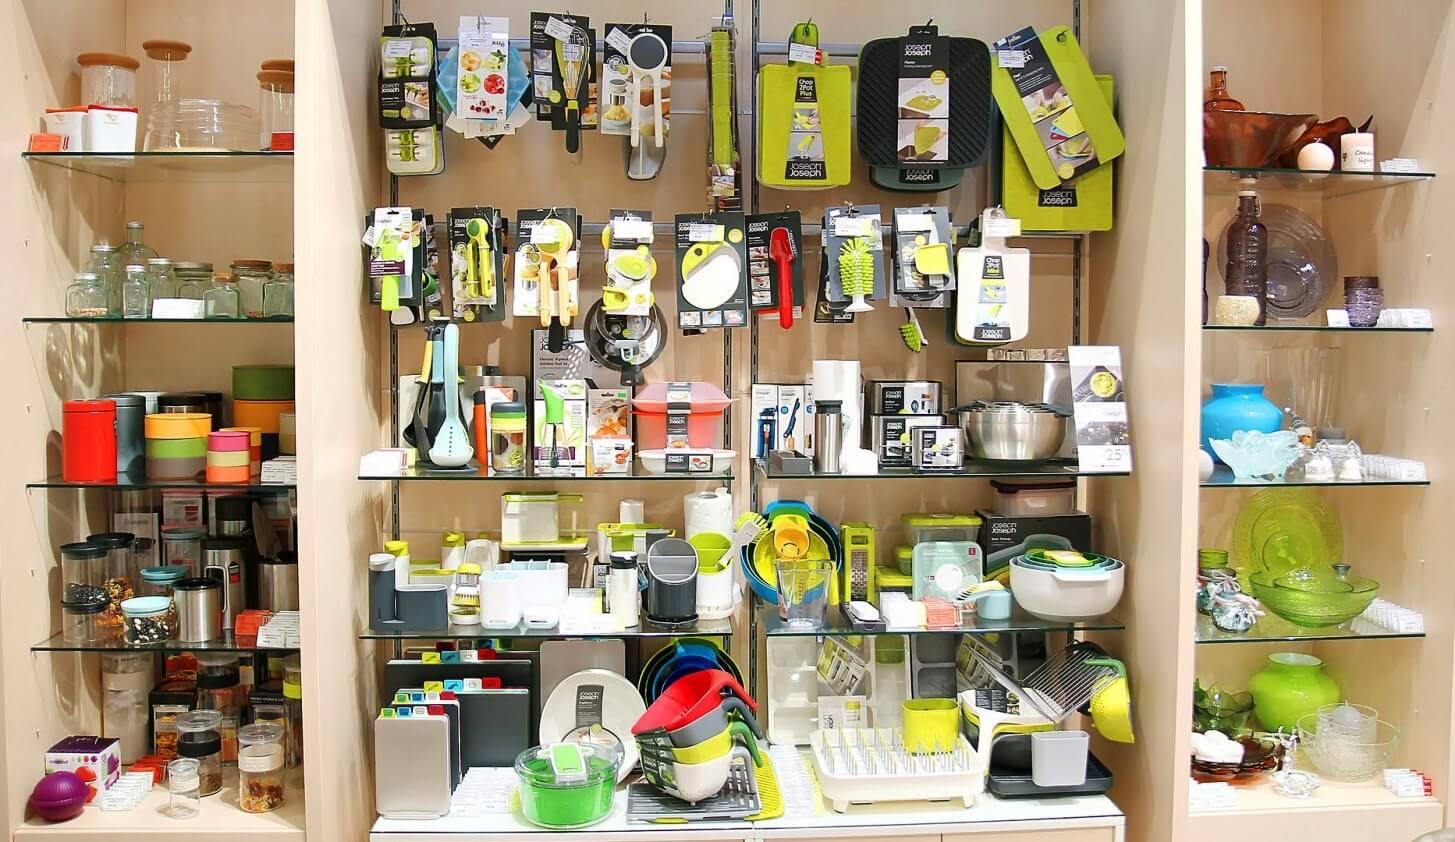 Органайзер для кухонных приборов со сливом Joseph Joseph dock, 12х19х12,7 см, зеленый Joseph Joseph 85074 фото 4